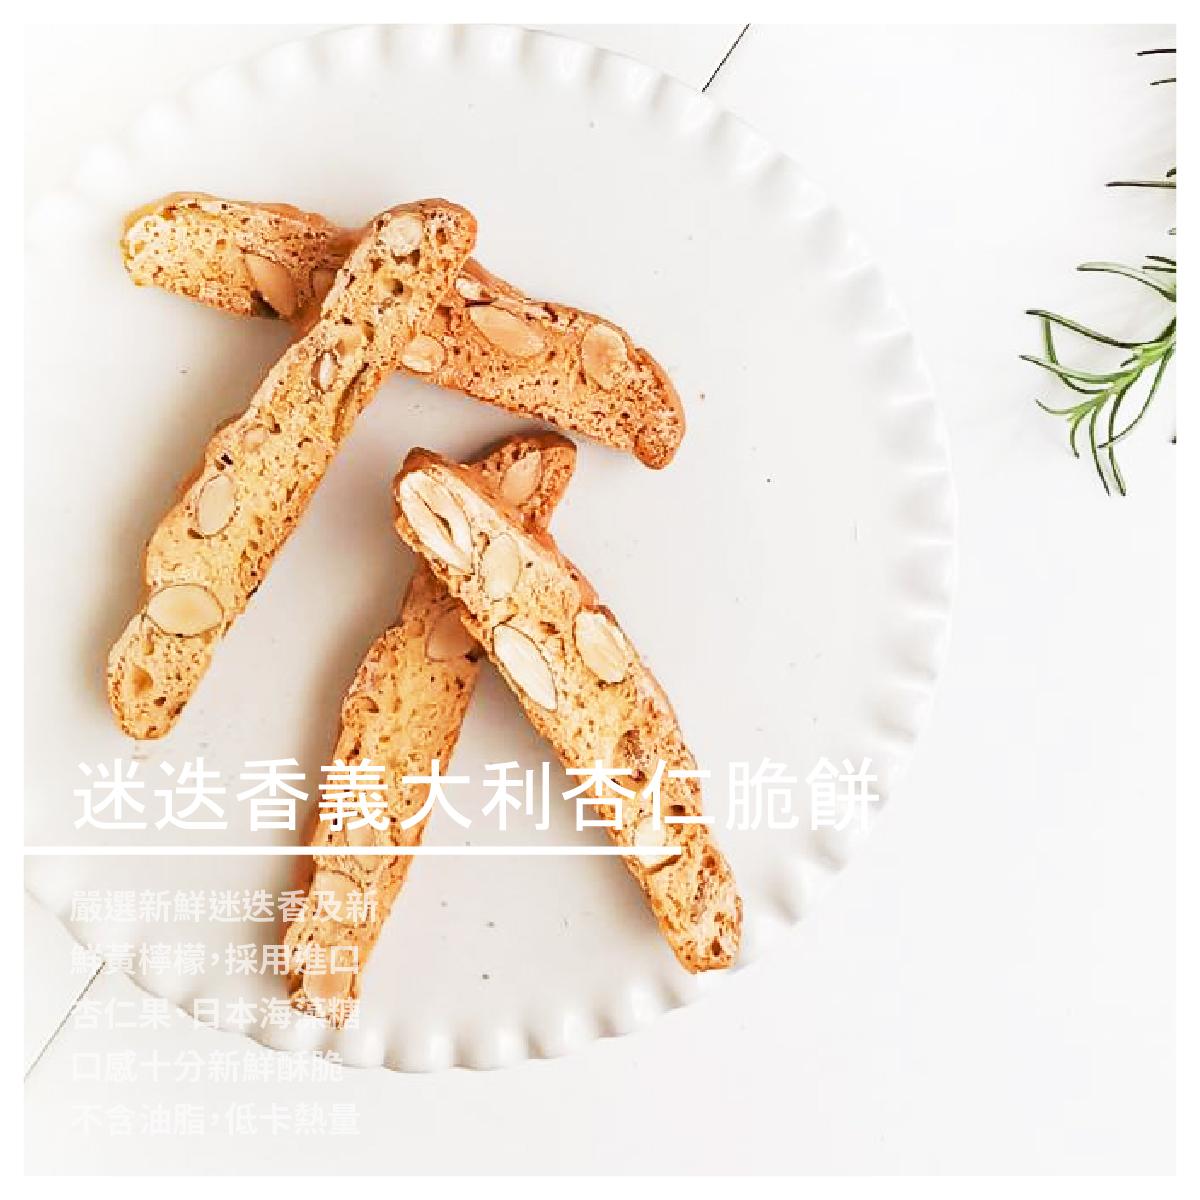 【鮮日嚐四季餐桌料理】迷迭香義大利杏仁脆餅/罐